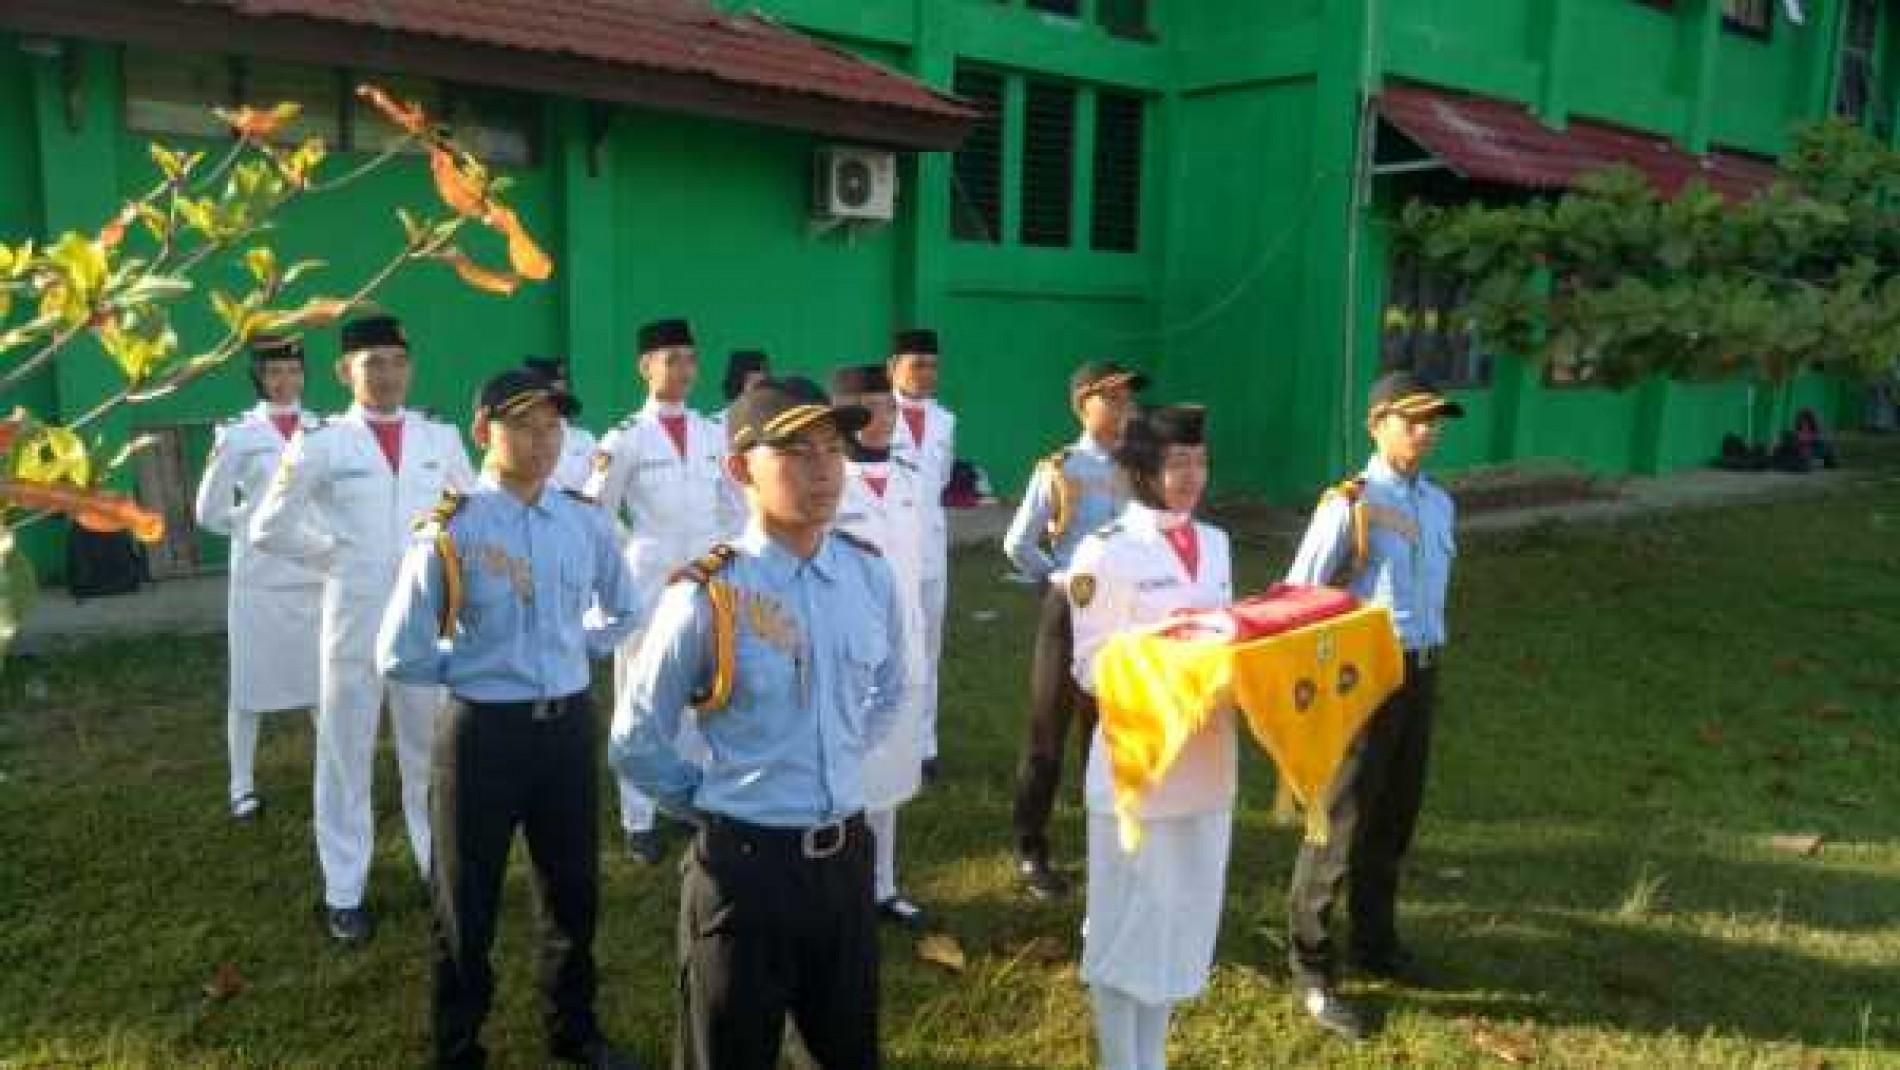 Upacara 17 Agustus 2016 di SMA Negeri 3 Banjarbaru